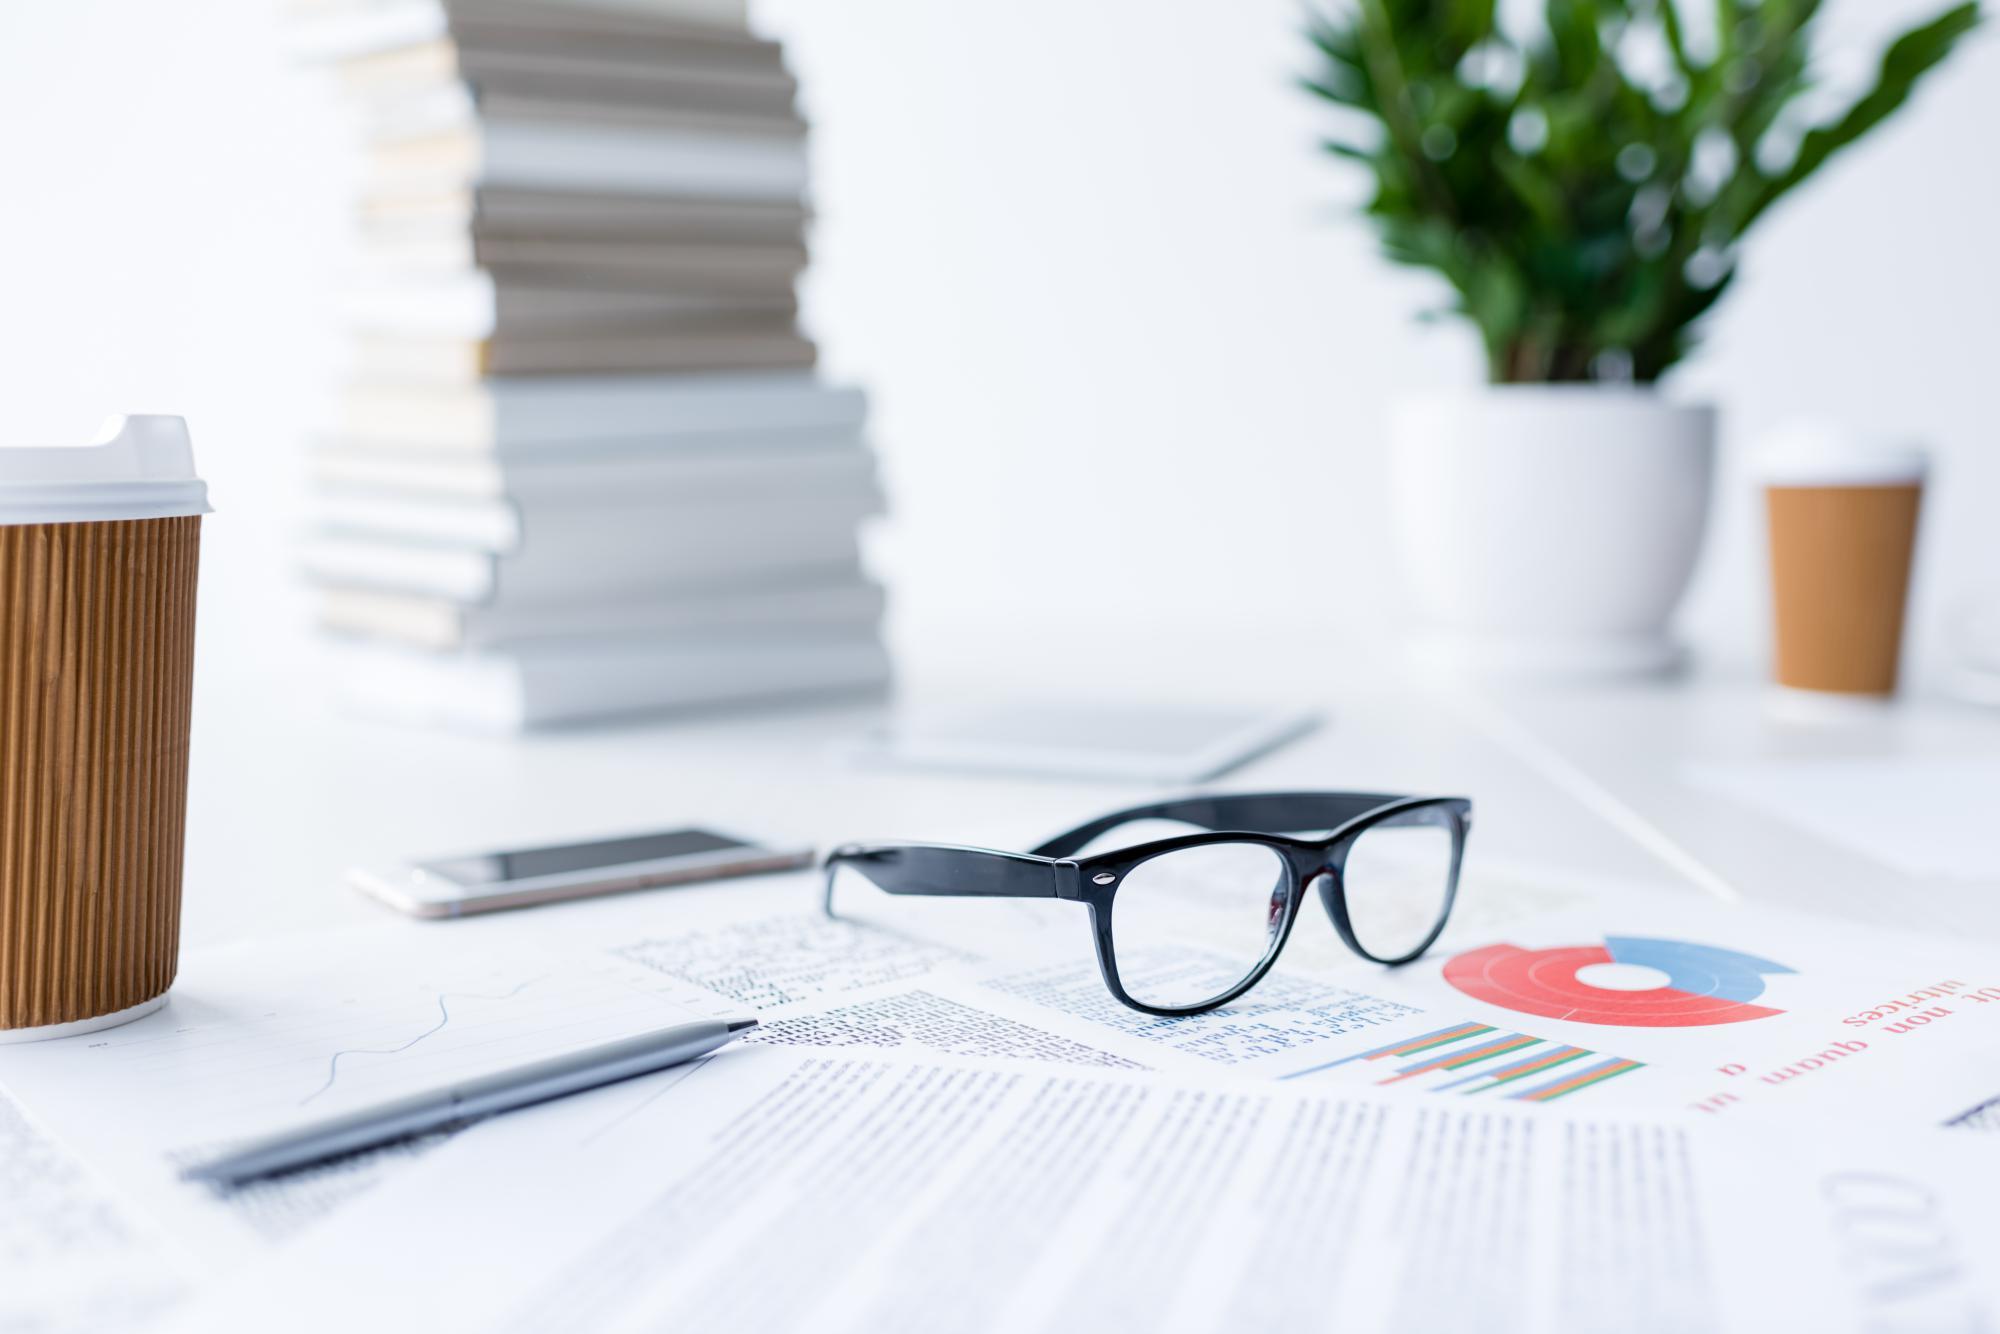 ФНС вернется к разрешительному порядку регистрации юрлиц